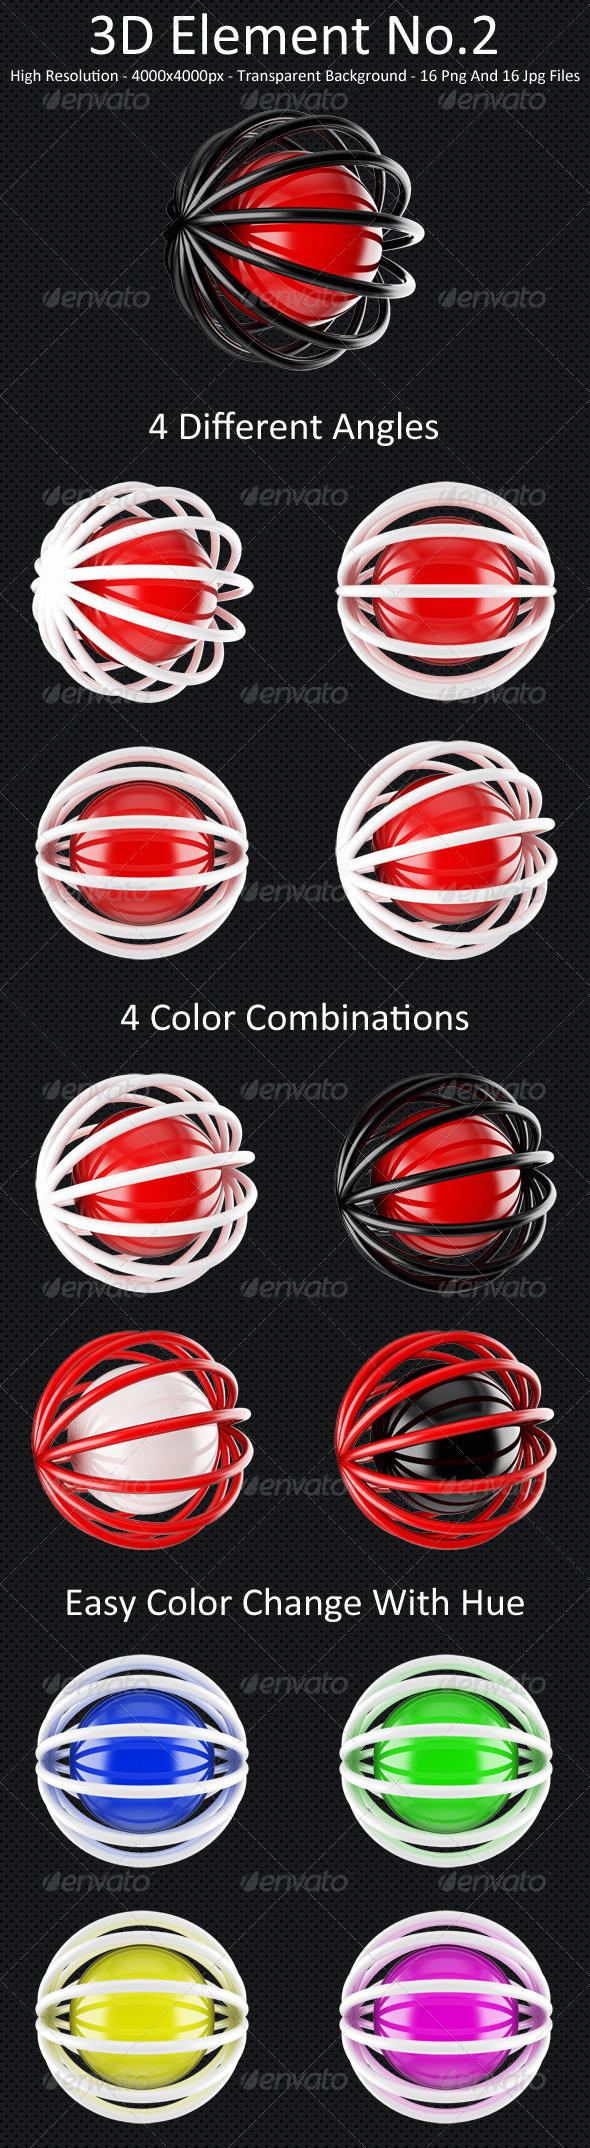 3D Element No.2 - 3D Backgrounds